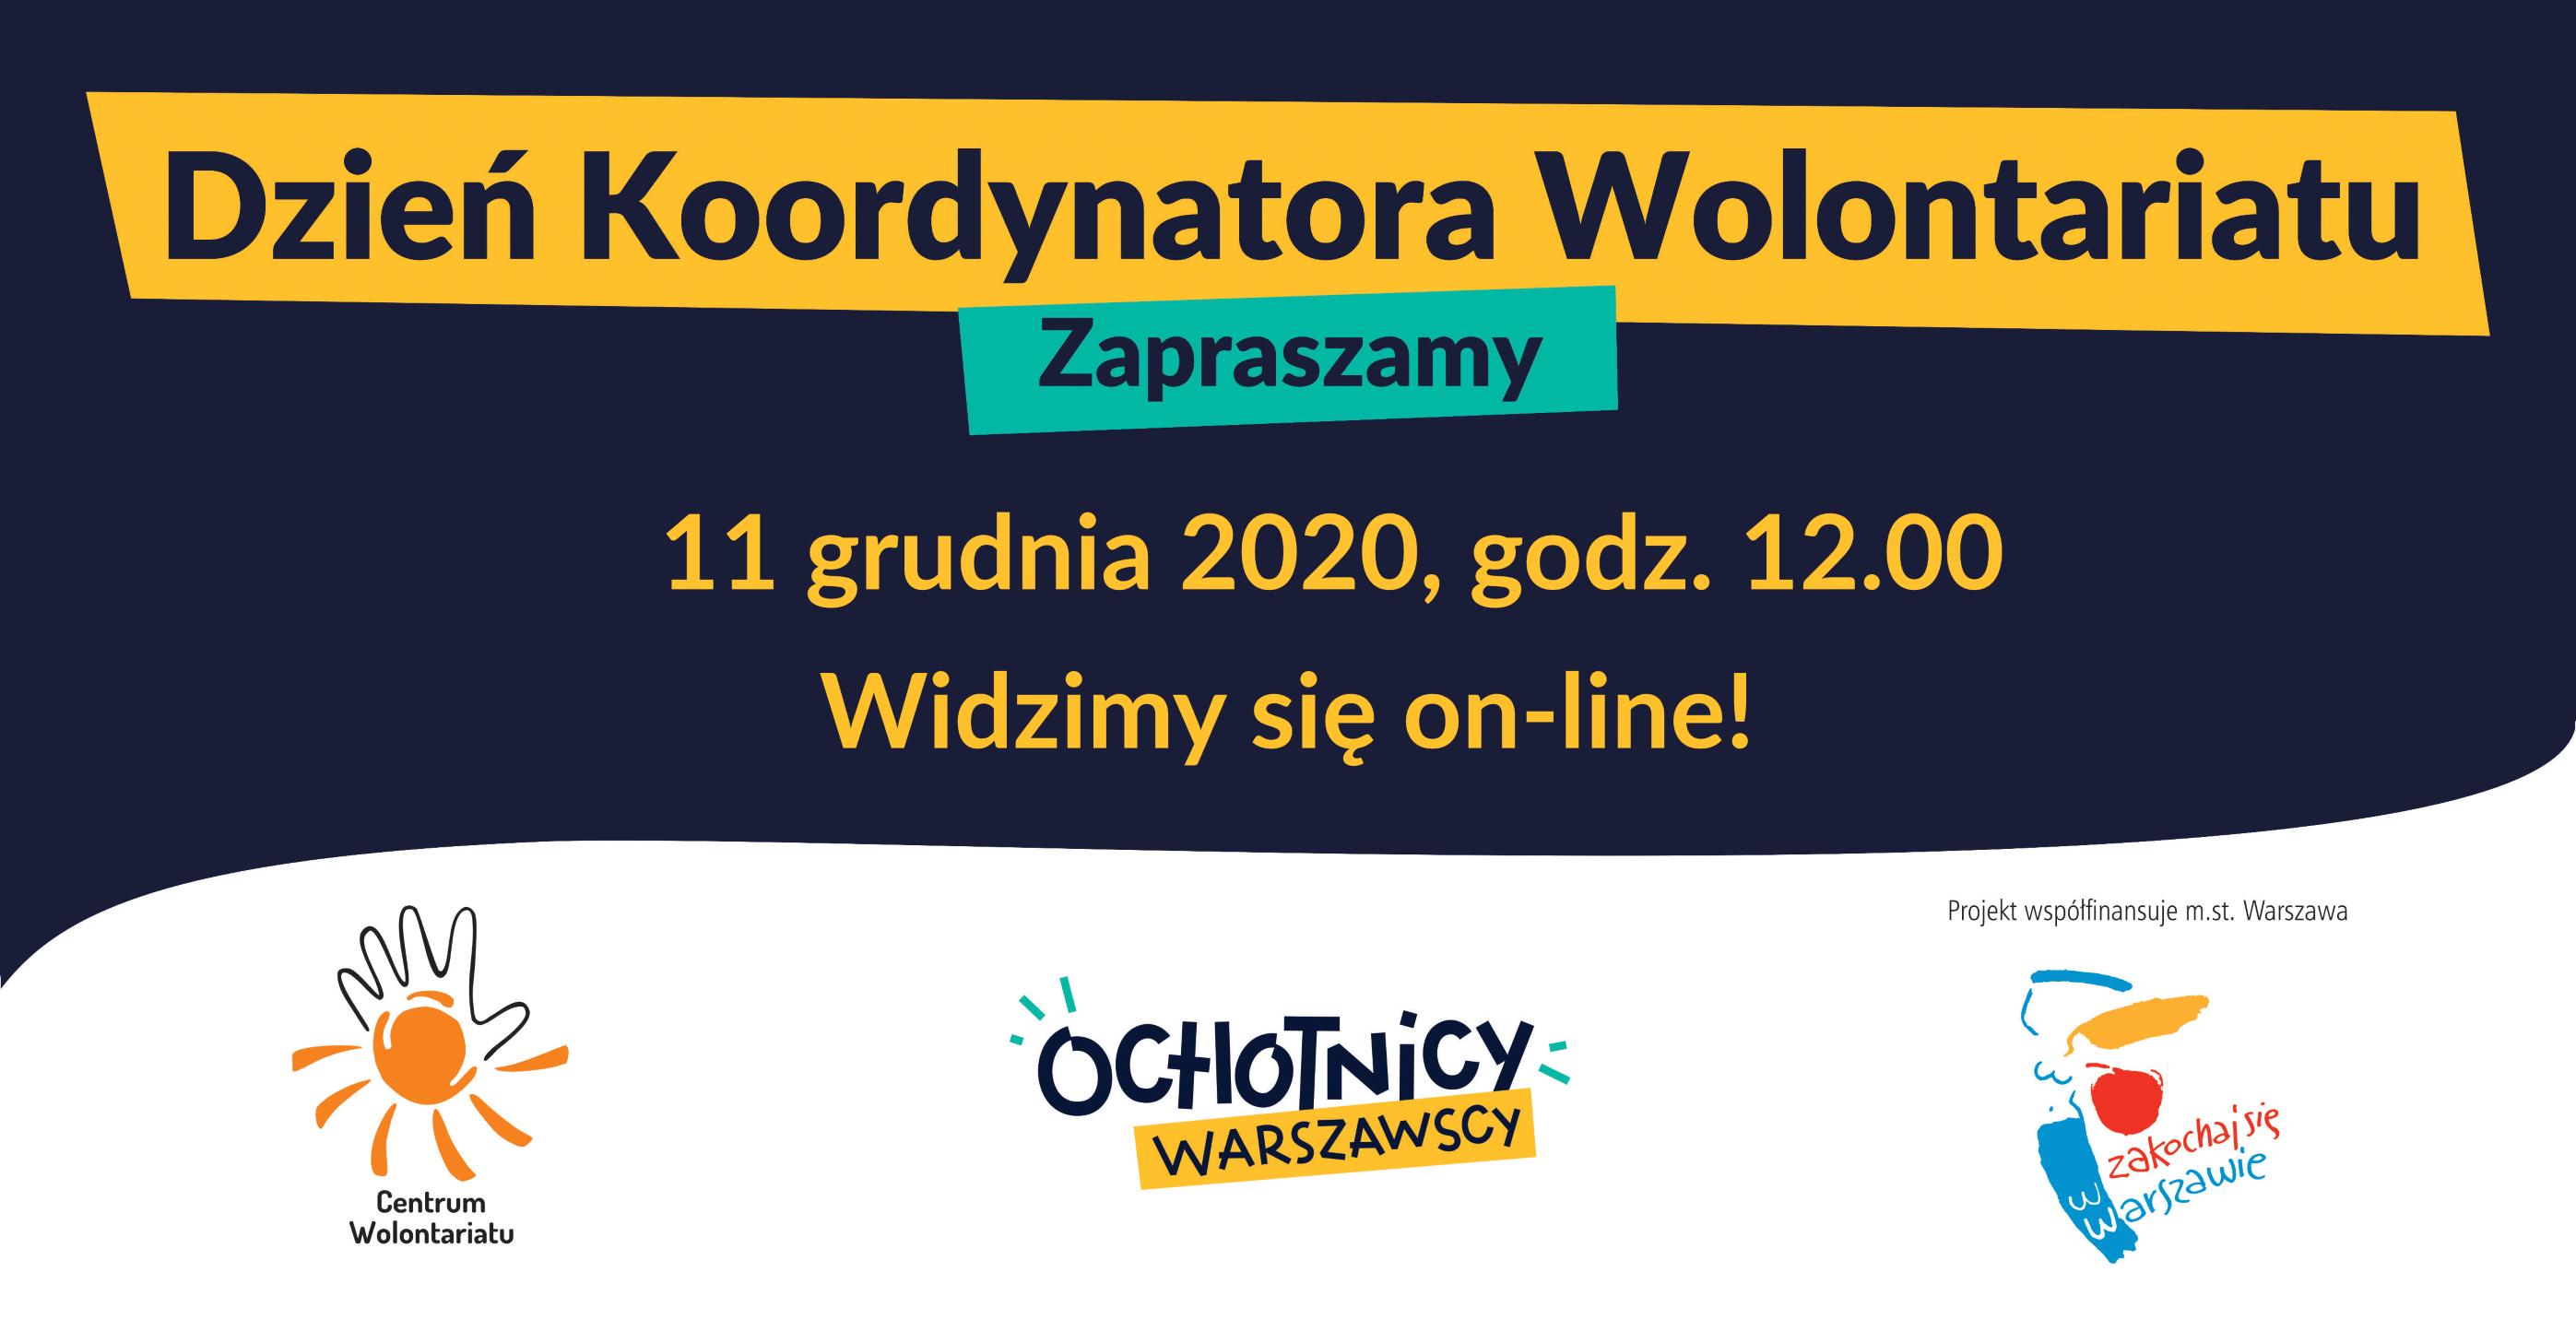 Dzień Koordynatora Wolontariatu – zaproszenie!